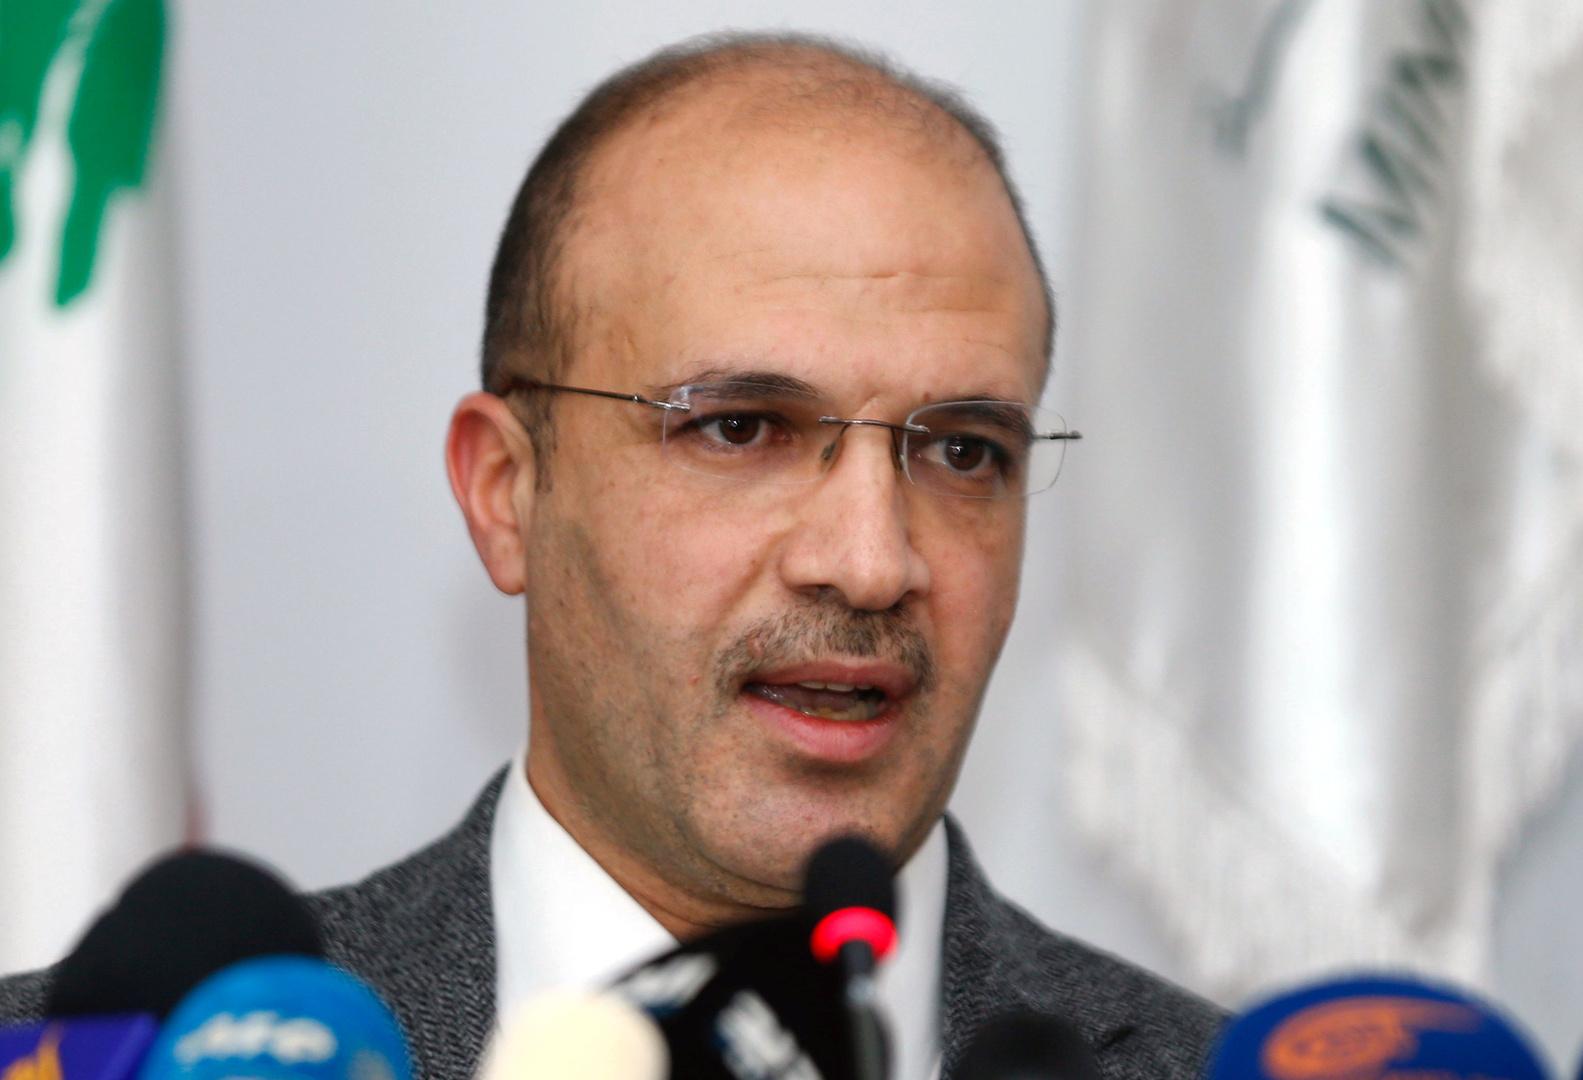 وزير الصحة في حكومة تصريف الأعمال اللبنانية، حمد حسن